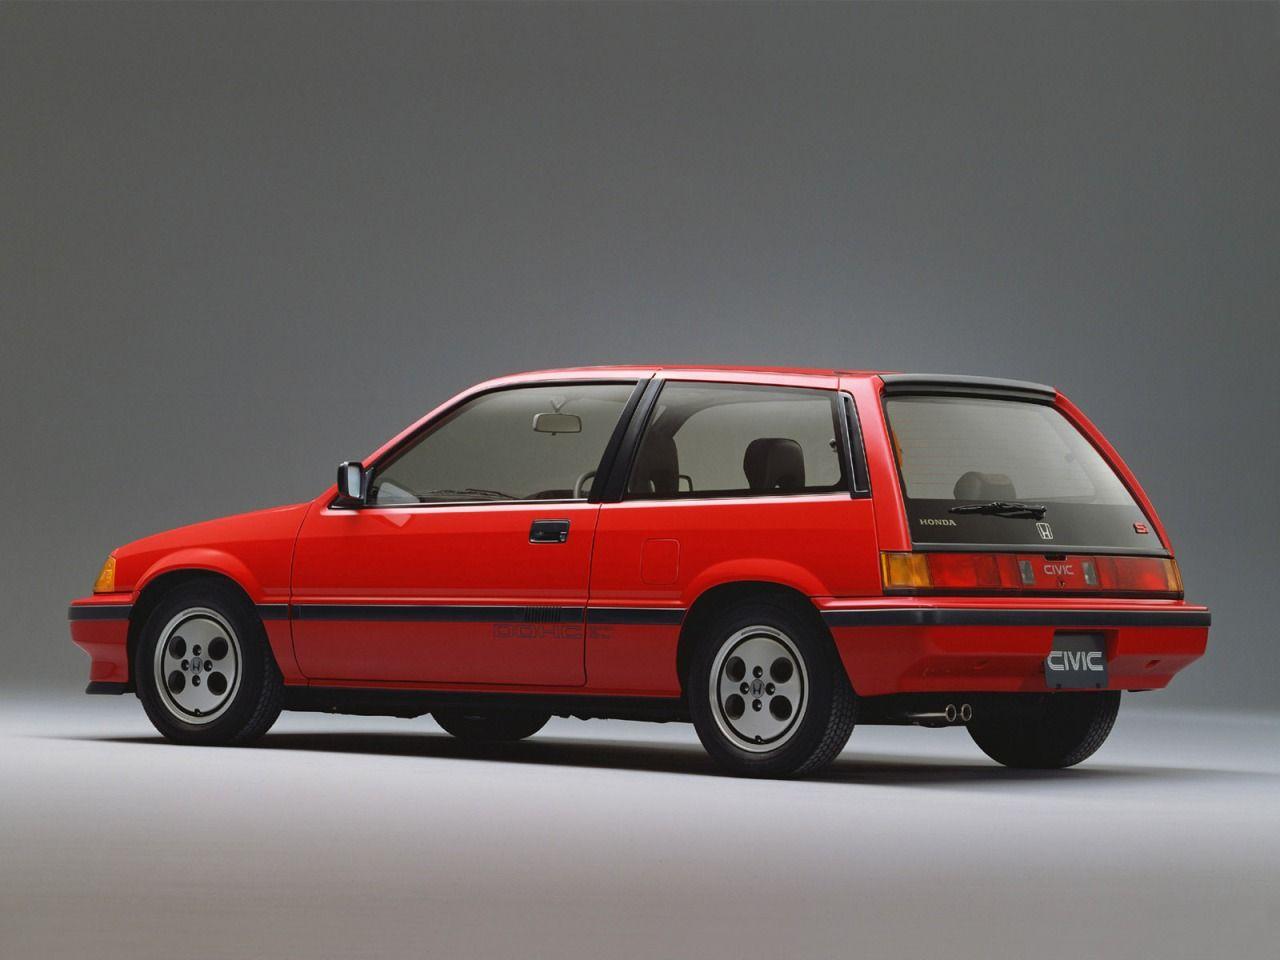 Kelebihan Kekurangan Honda Civic 1984 Perbandingan Harga